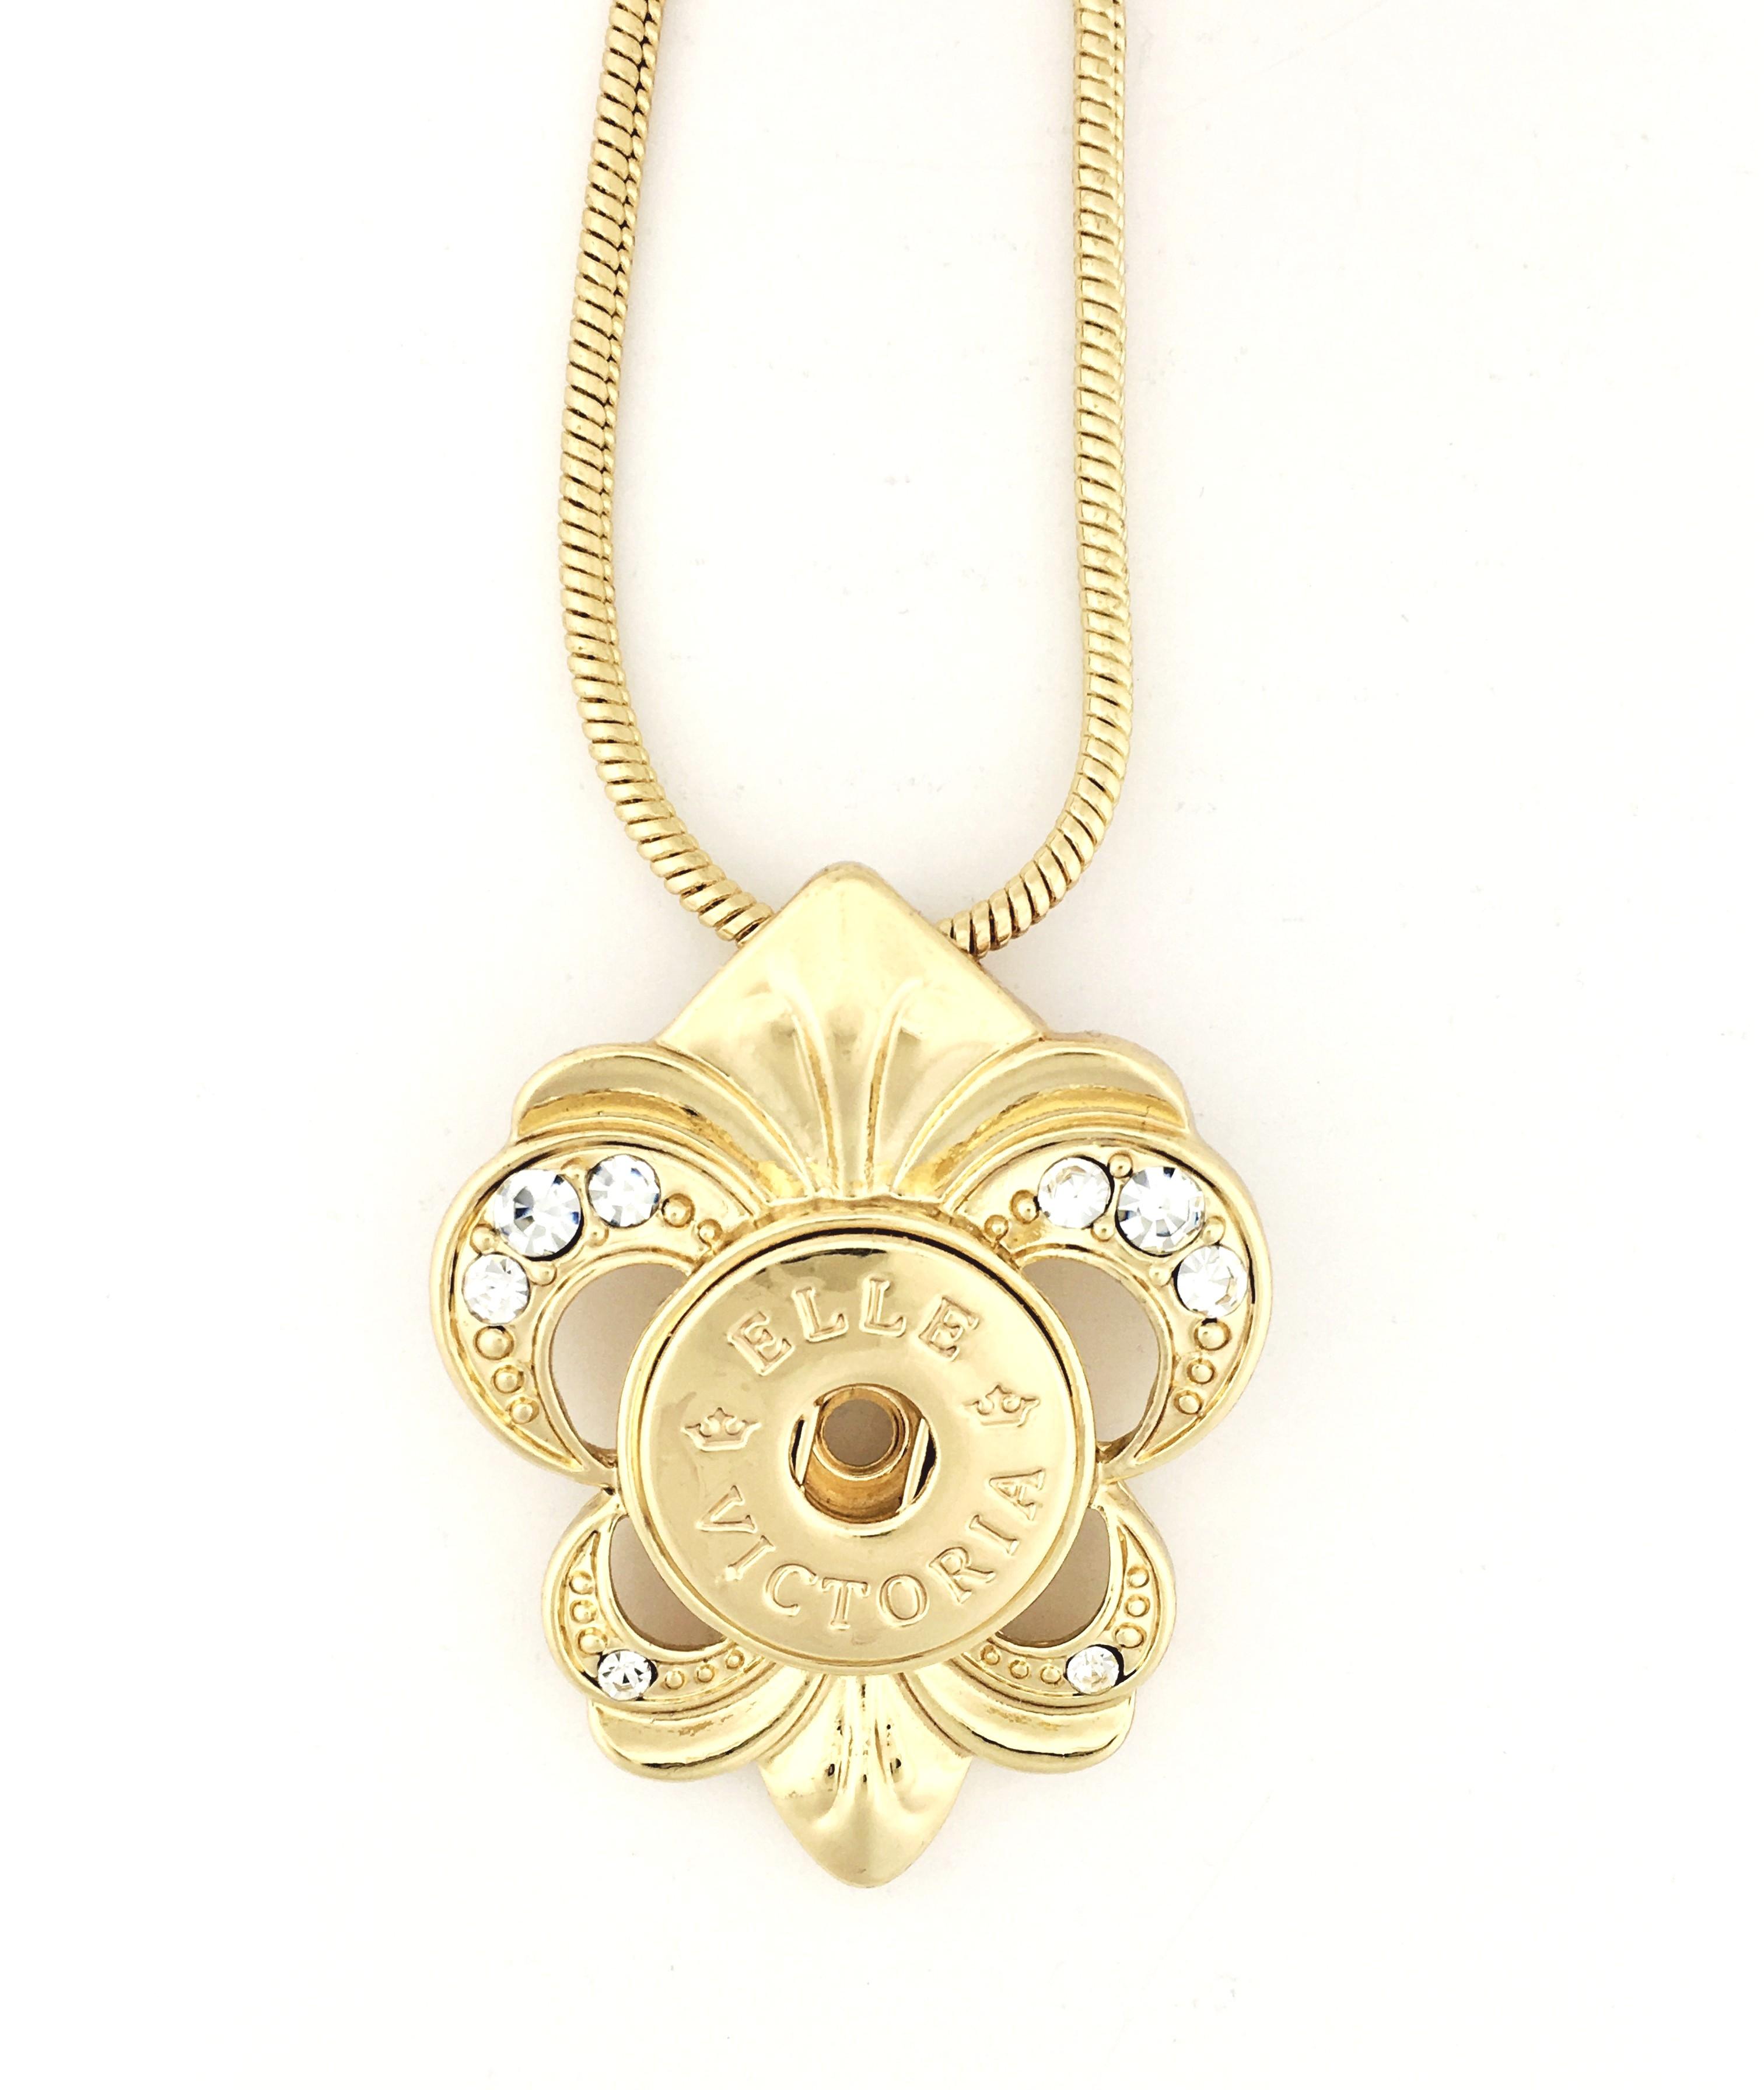 Fashion snaps necklace gold fleur de lis pendant with 17 snake fashion snaps necklace gold fleur de lis pendant with 17 snake chain aloadofball Images